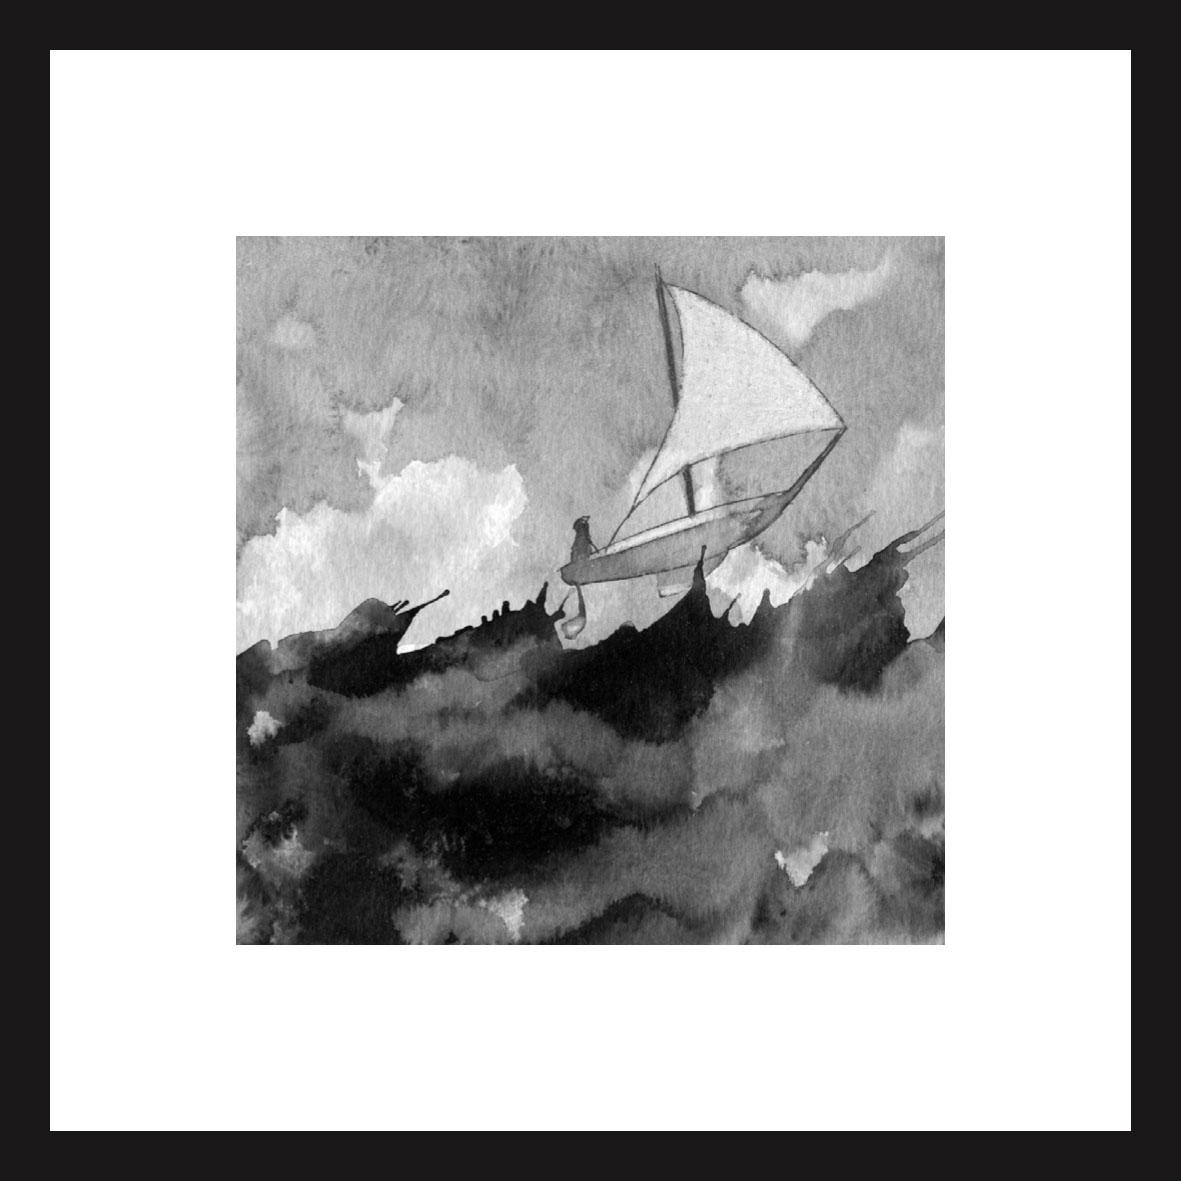 encre et lavis sur papier aquarelle 300 g - 13x13 cm